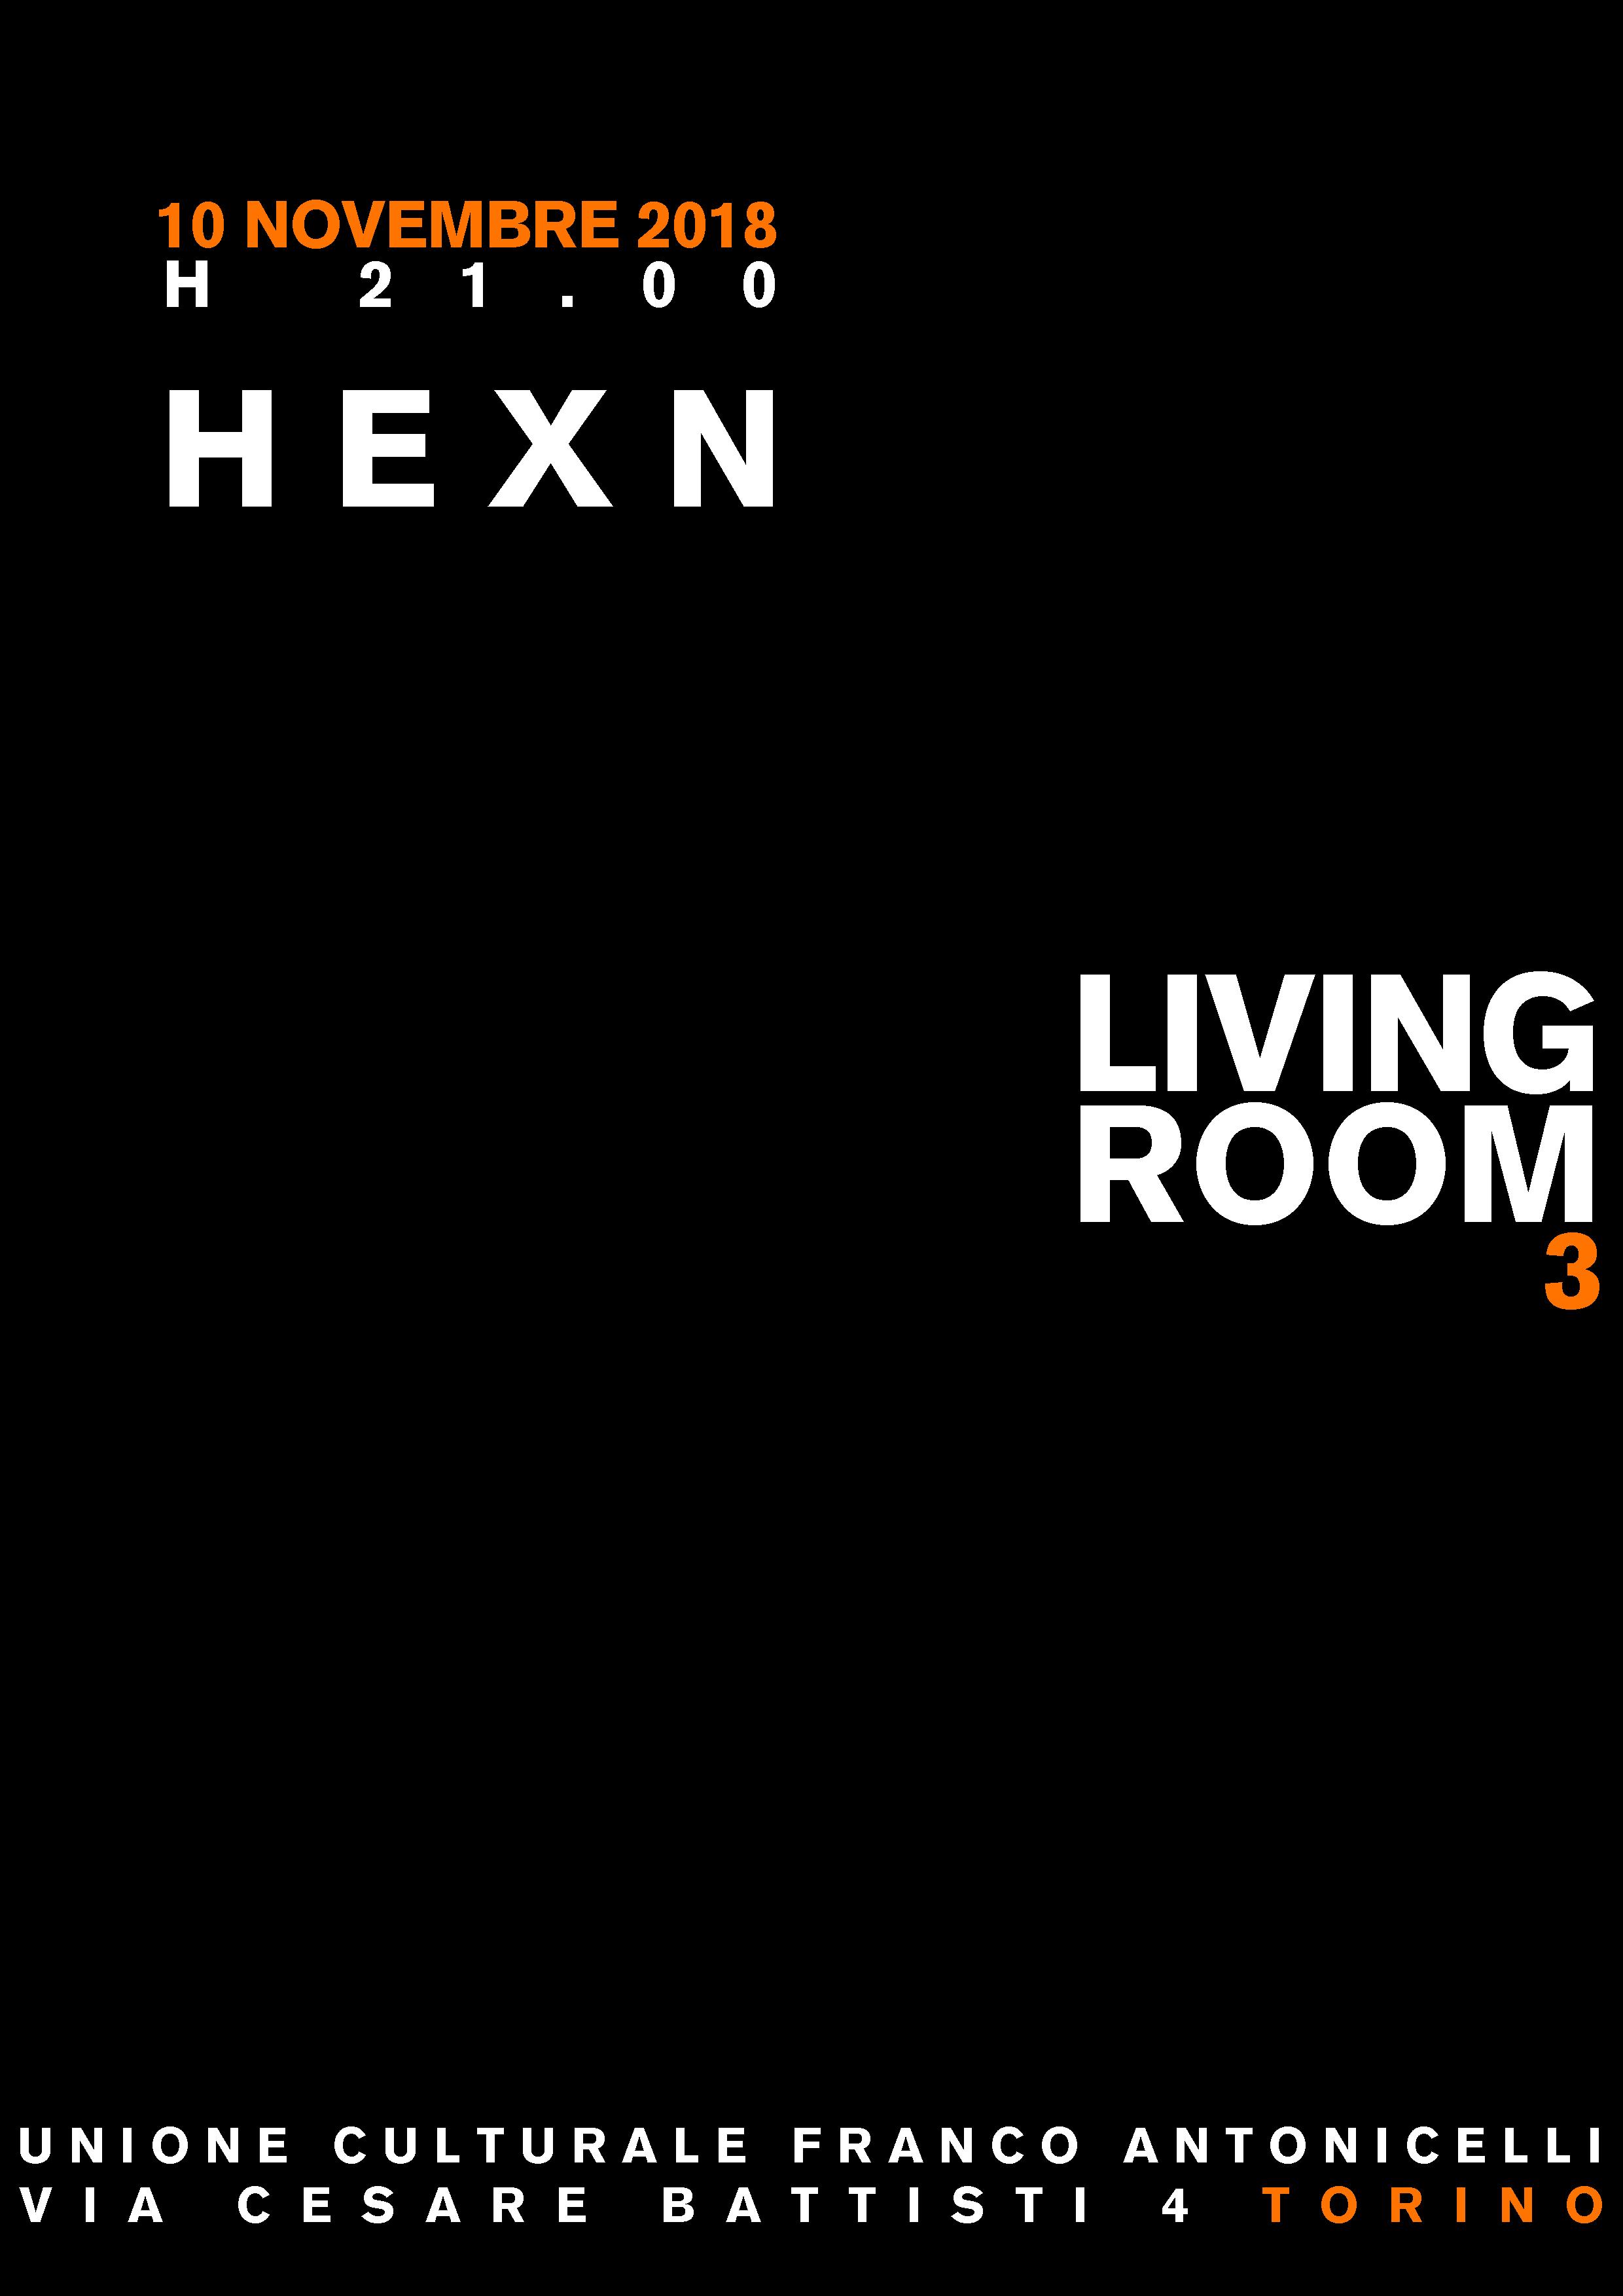 locandina room 3